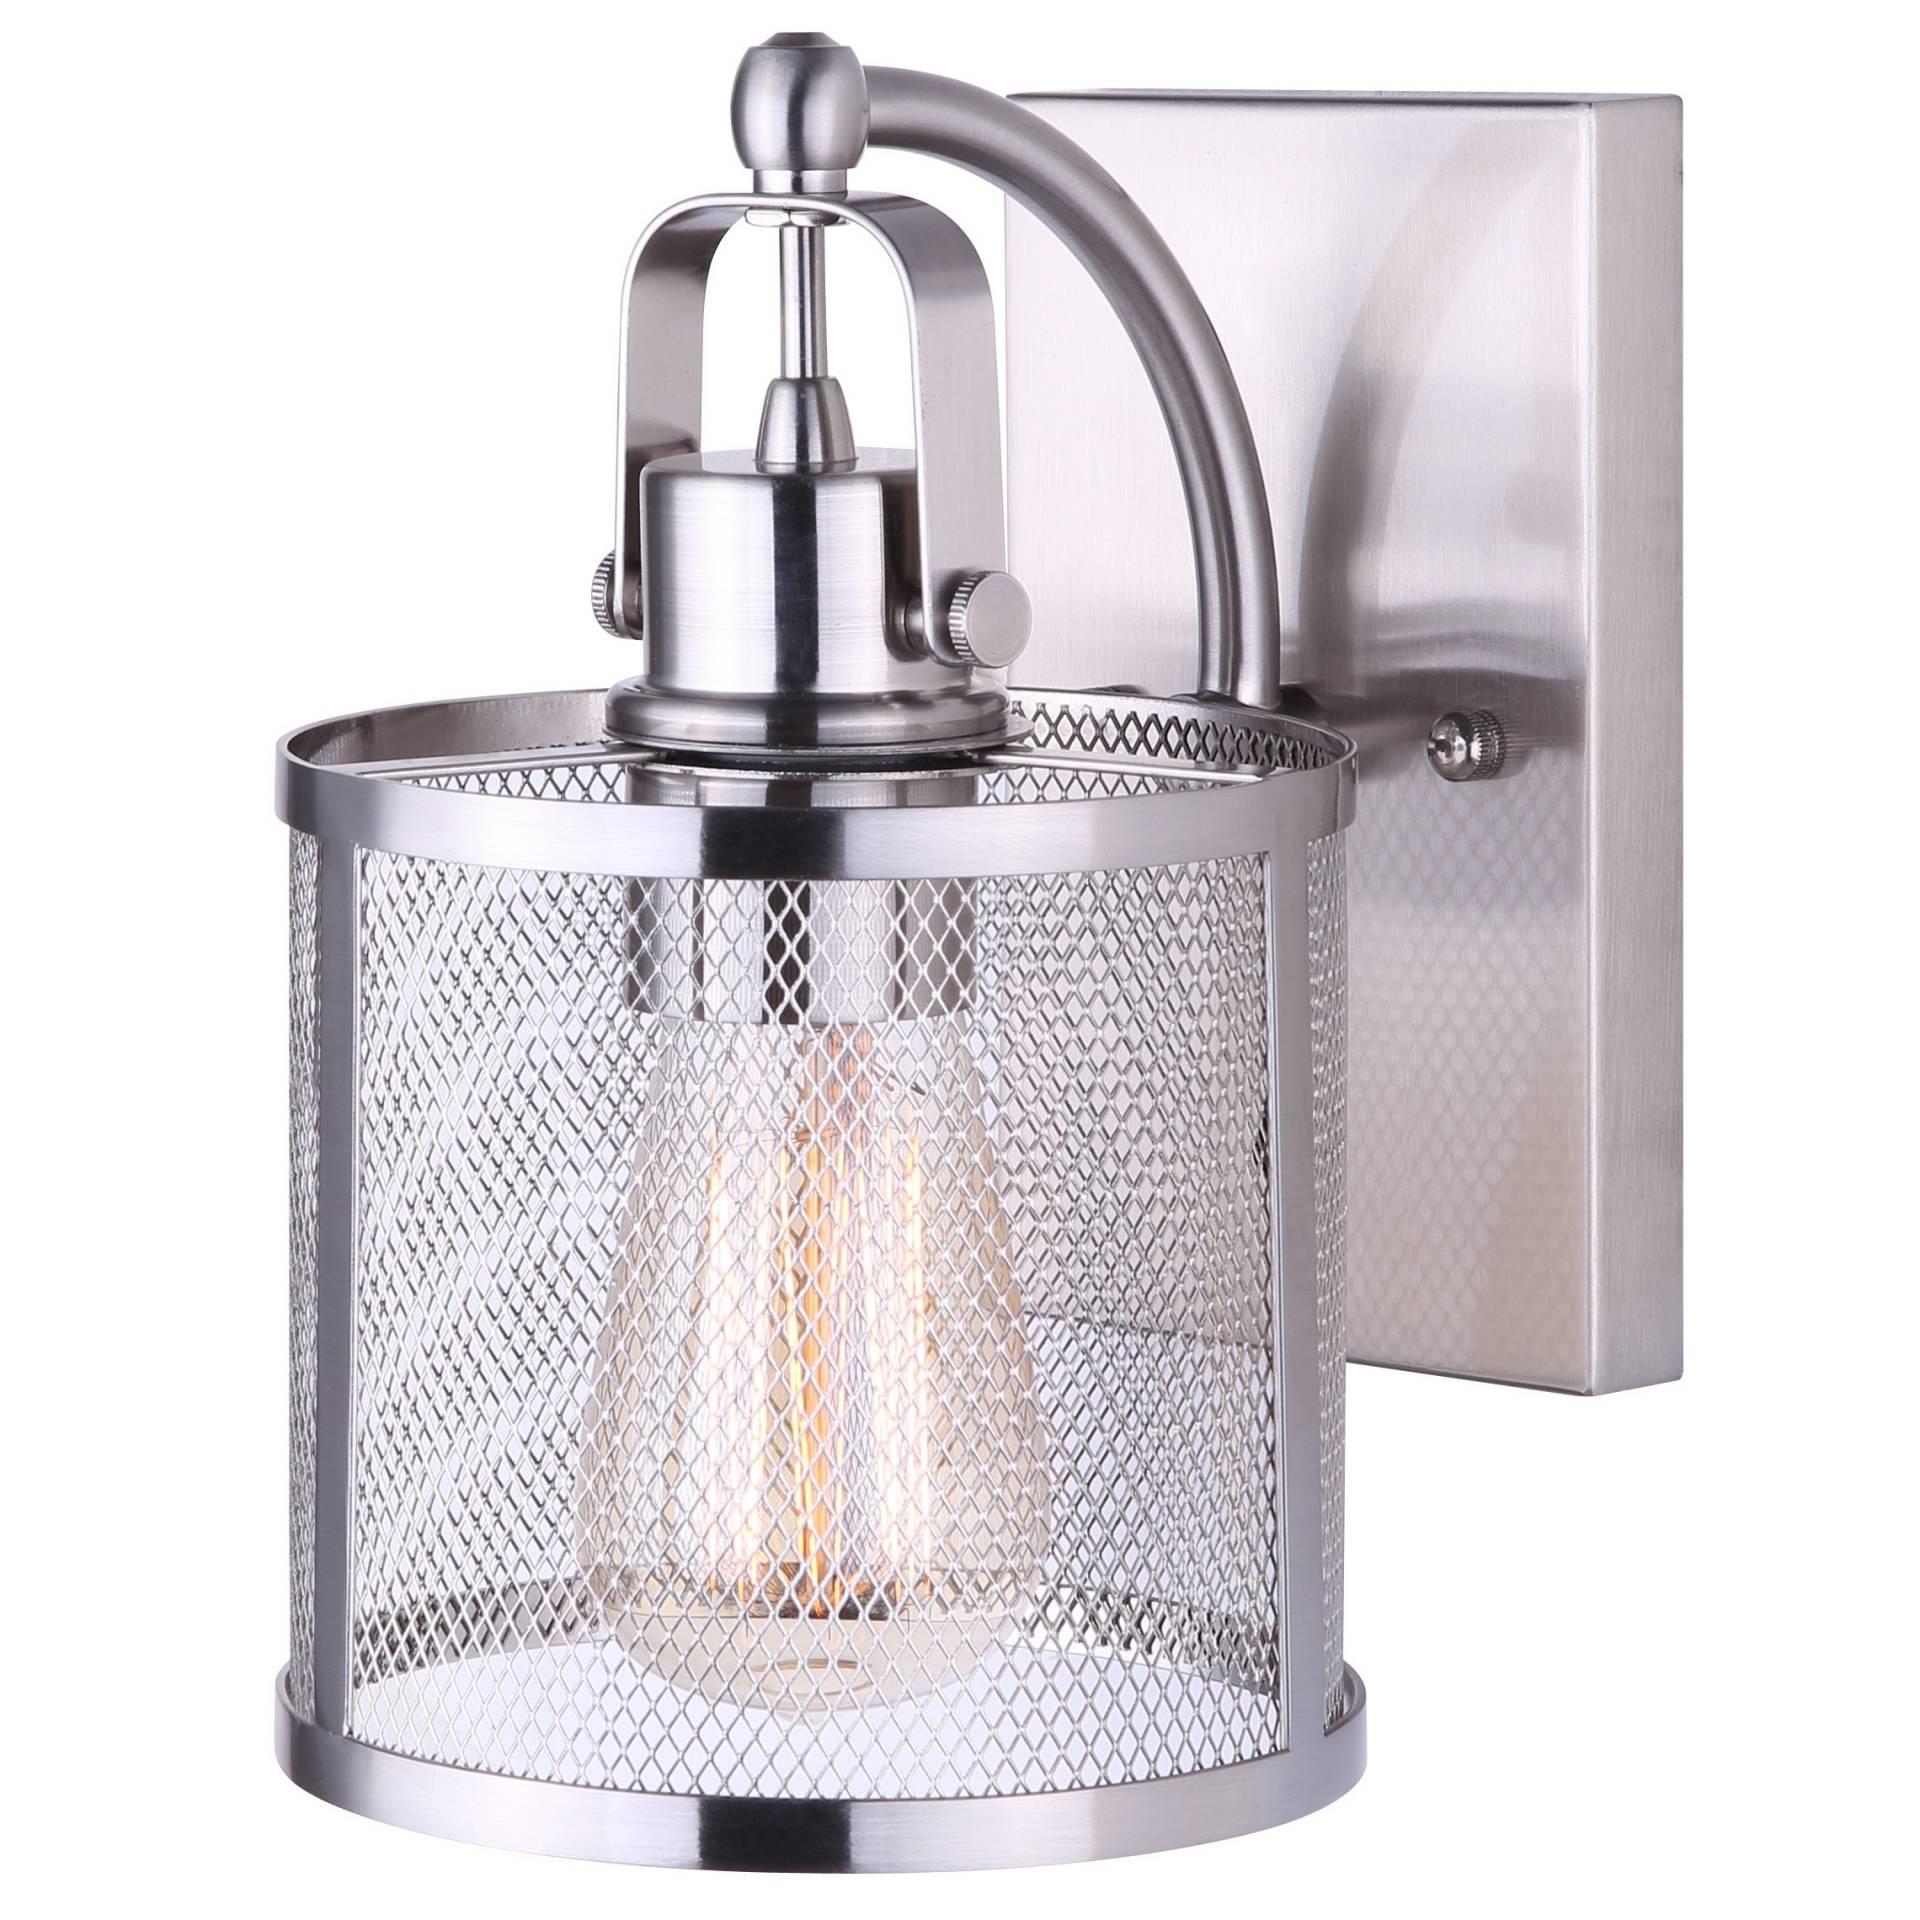 Surplus Bathroom Fixtures: Beckett 1 Light Vanity Light